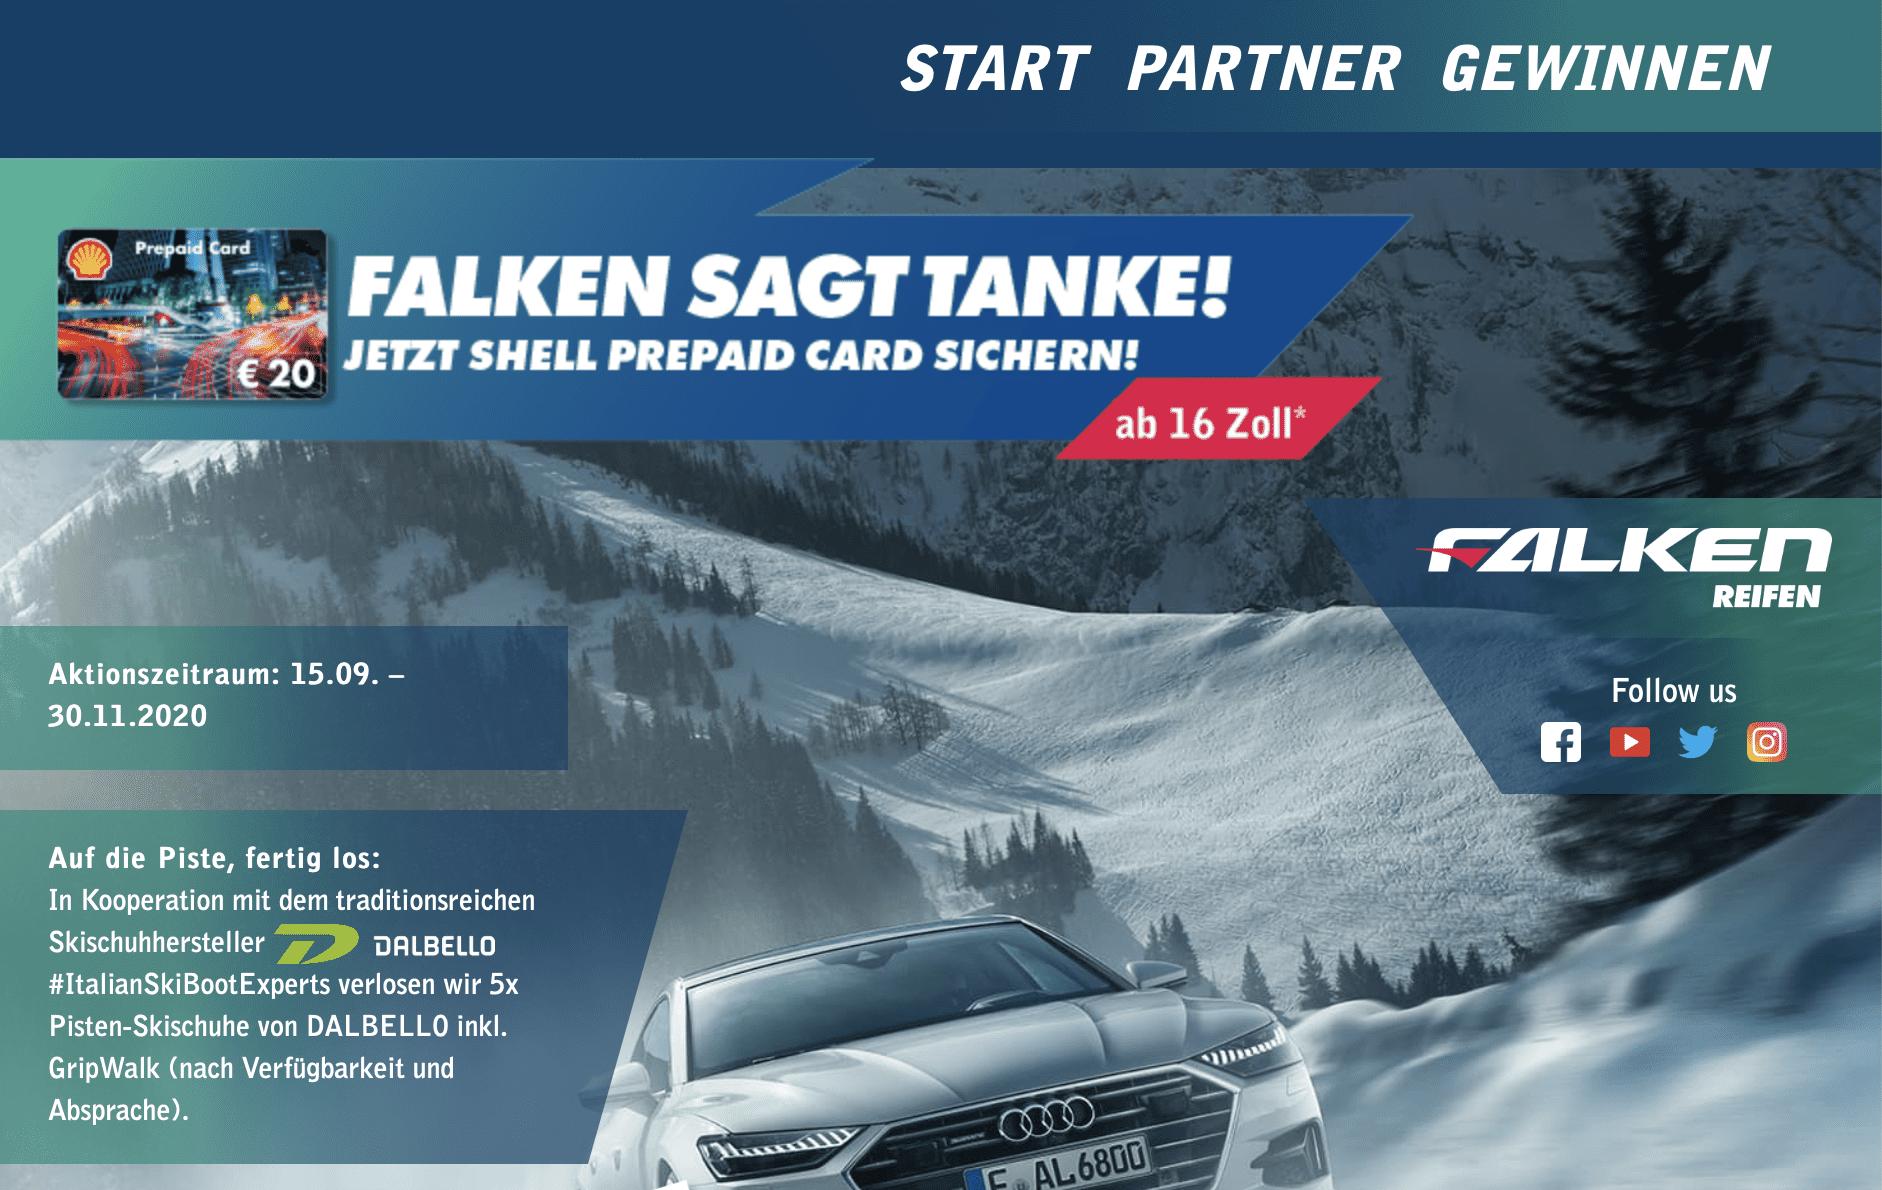 Falken sagt Tanke schön Gewinnspiel-Cases Automotive